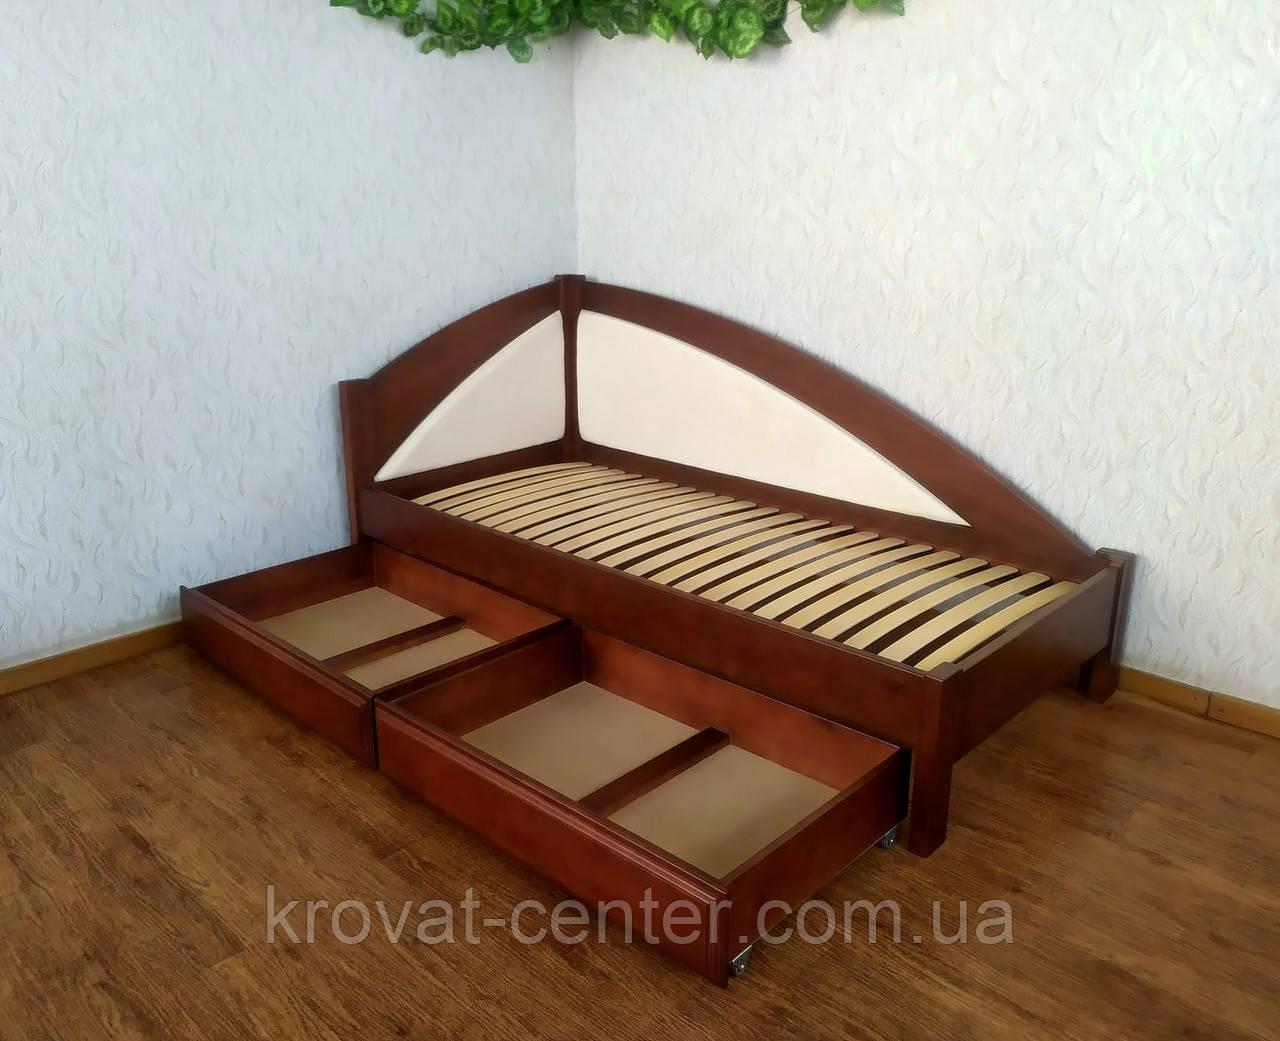 """Кровать детская угловая с мягкой спинкой и выдвижными ящиками """"Радуга Премиум"""""""